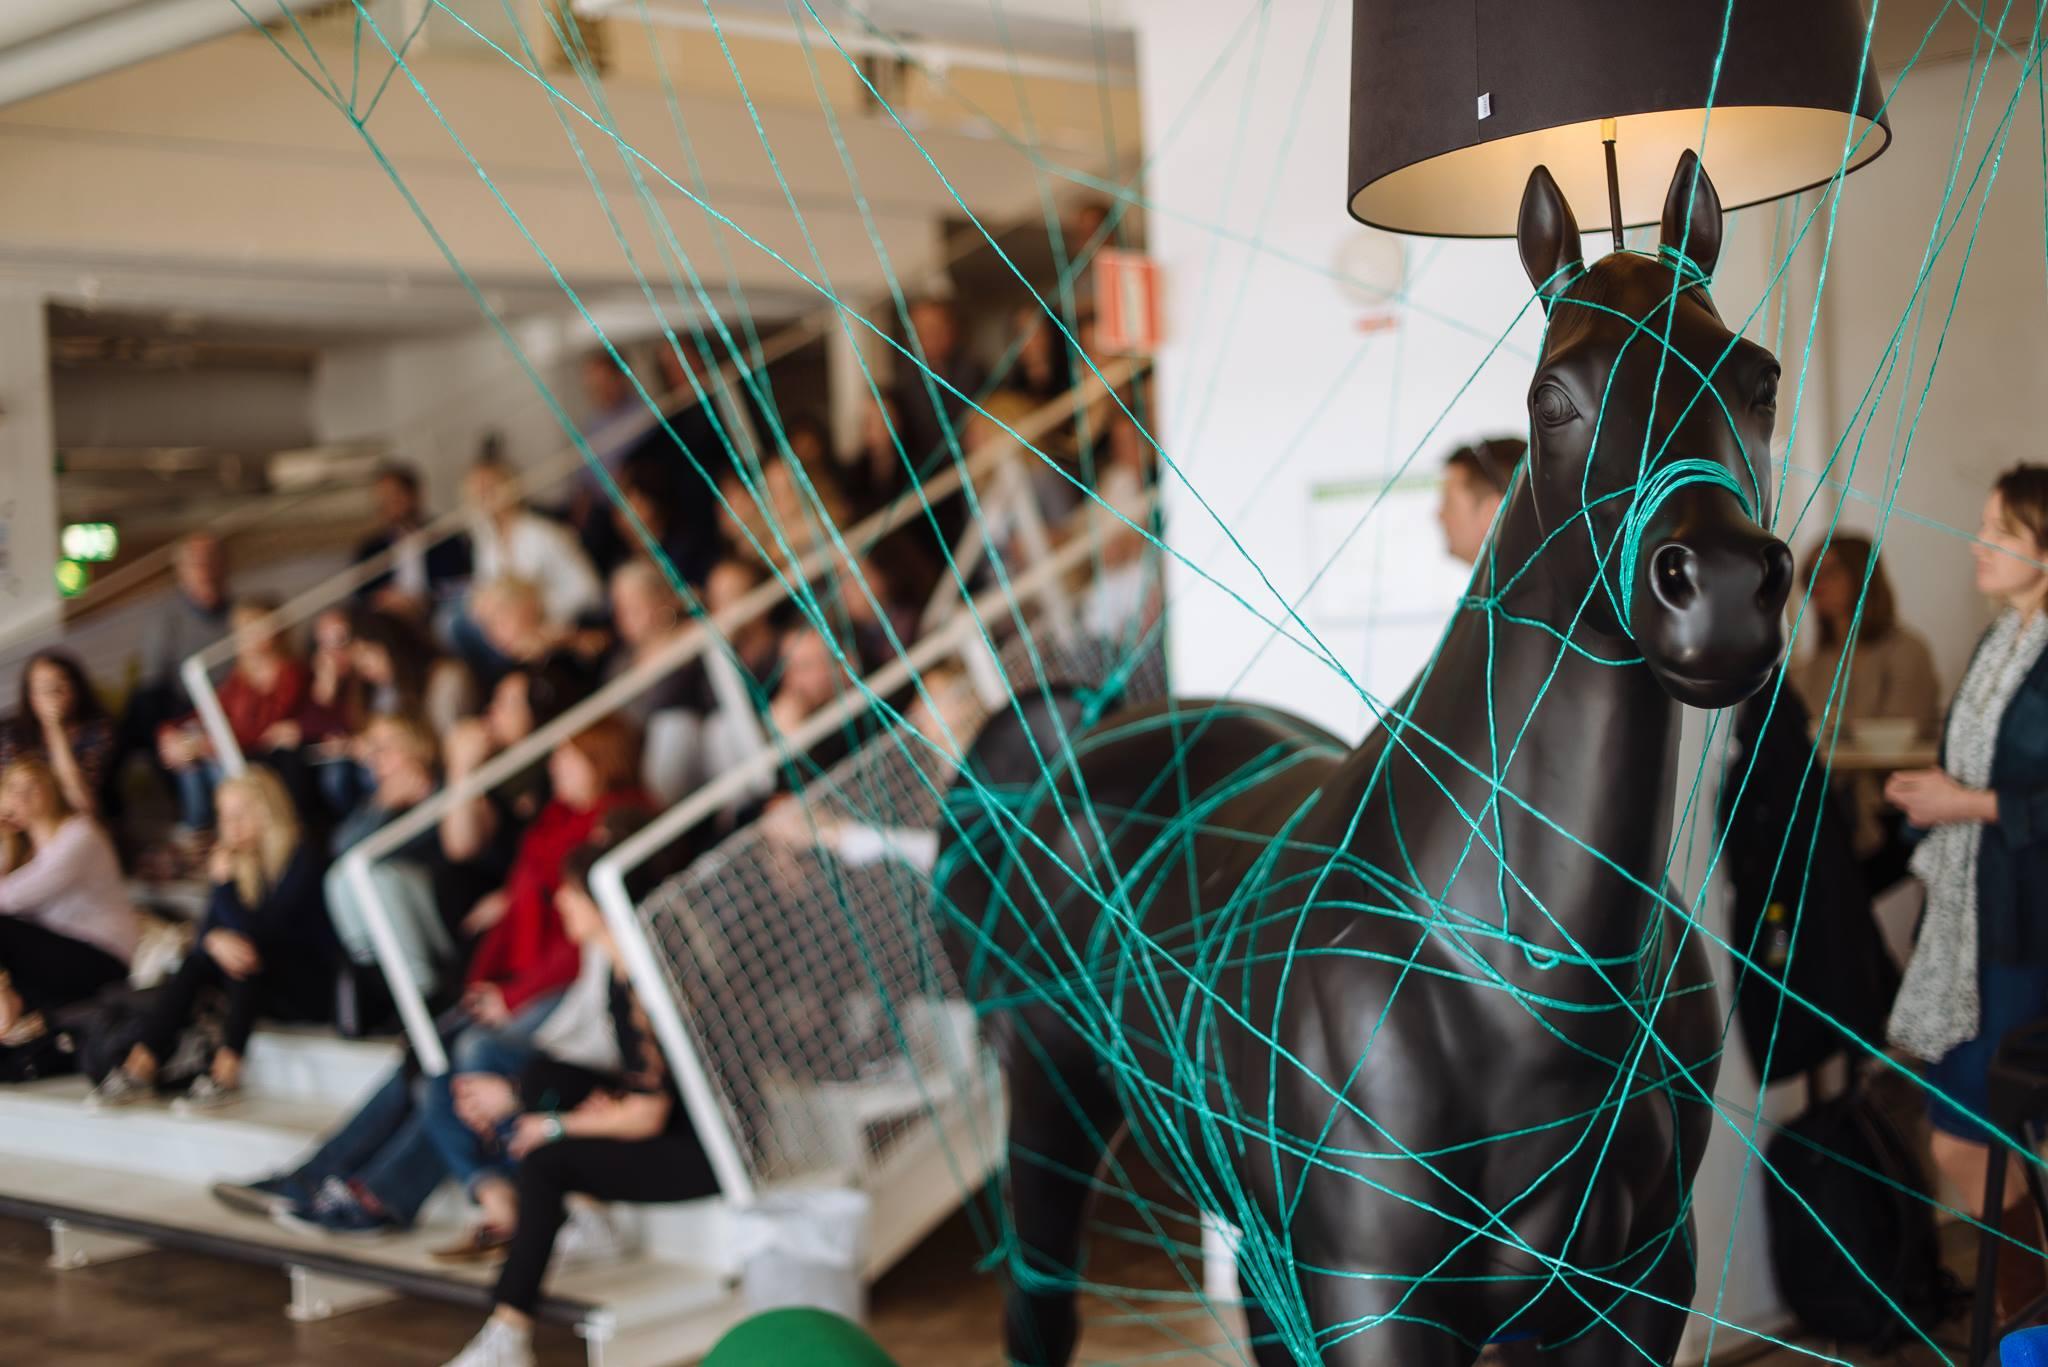 Bilden visar en svart plasthäst med en lampskärm. Runt hästen är det trådar som går åt olika håll. I bakgrunden sitter en stor grupp människor i en trappa